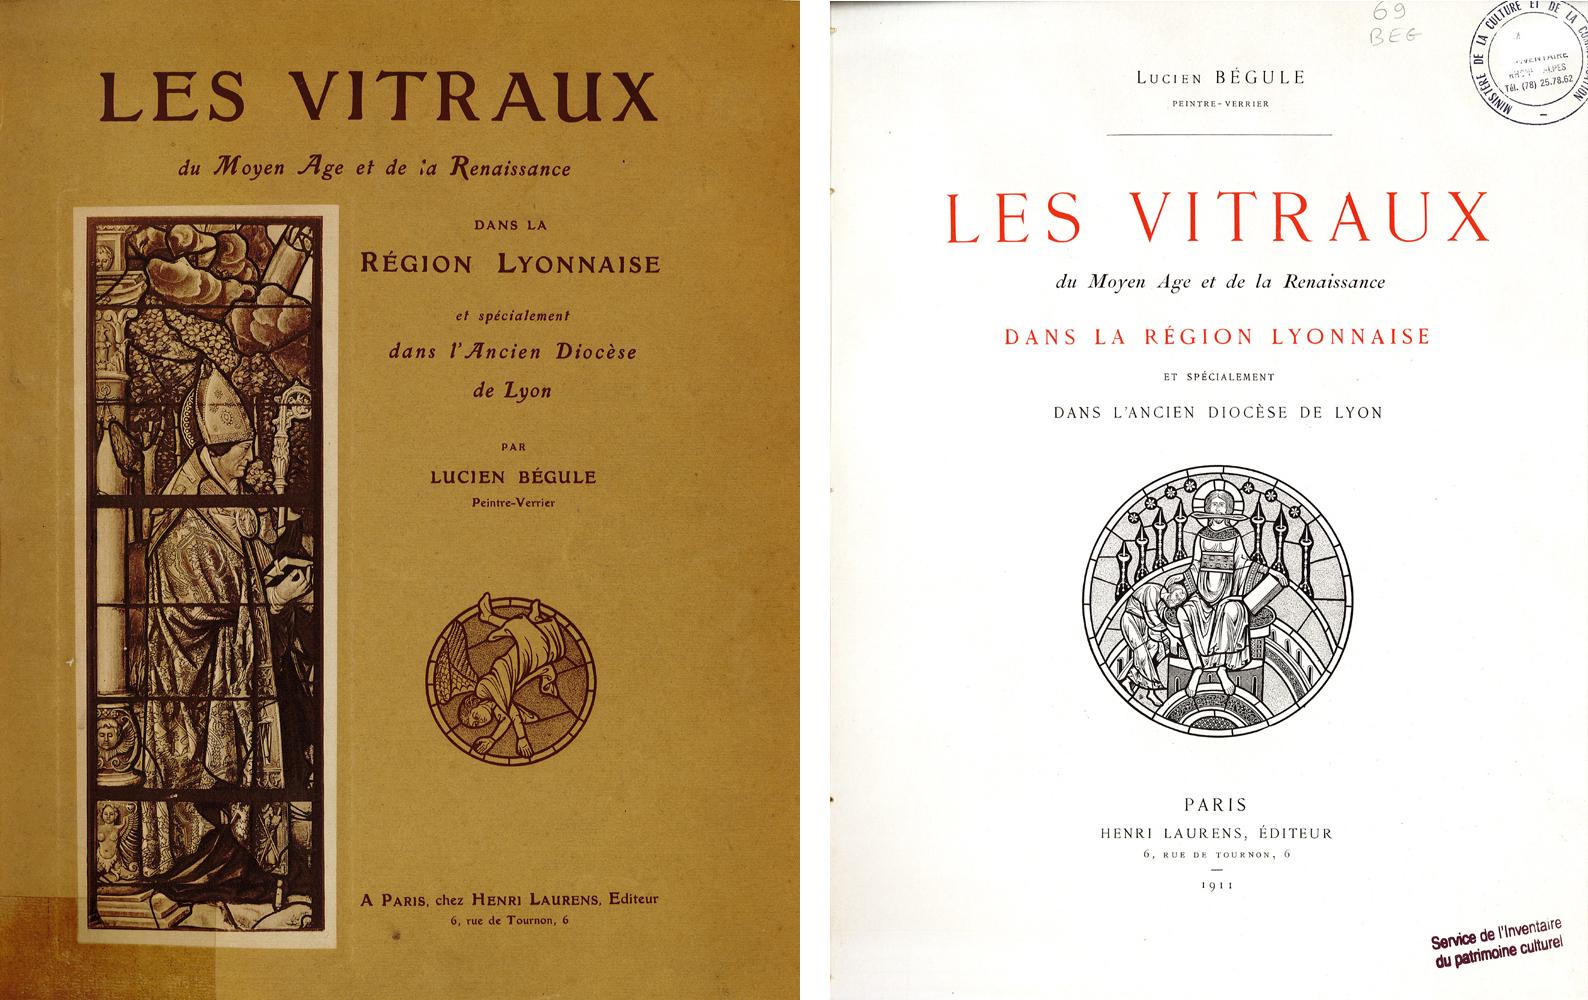 Couverture et page de titre des Vitraux du Moyen Âge et de la Renaissance dans la région lyonnaise... de Lucien Bégule.